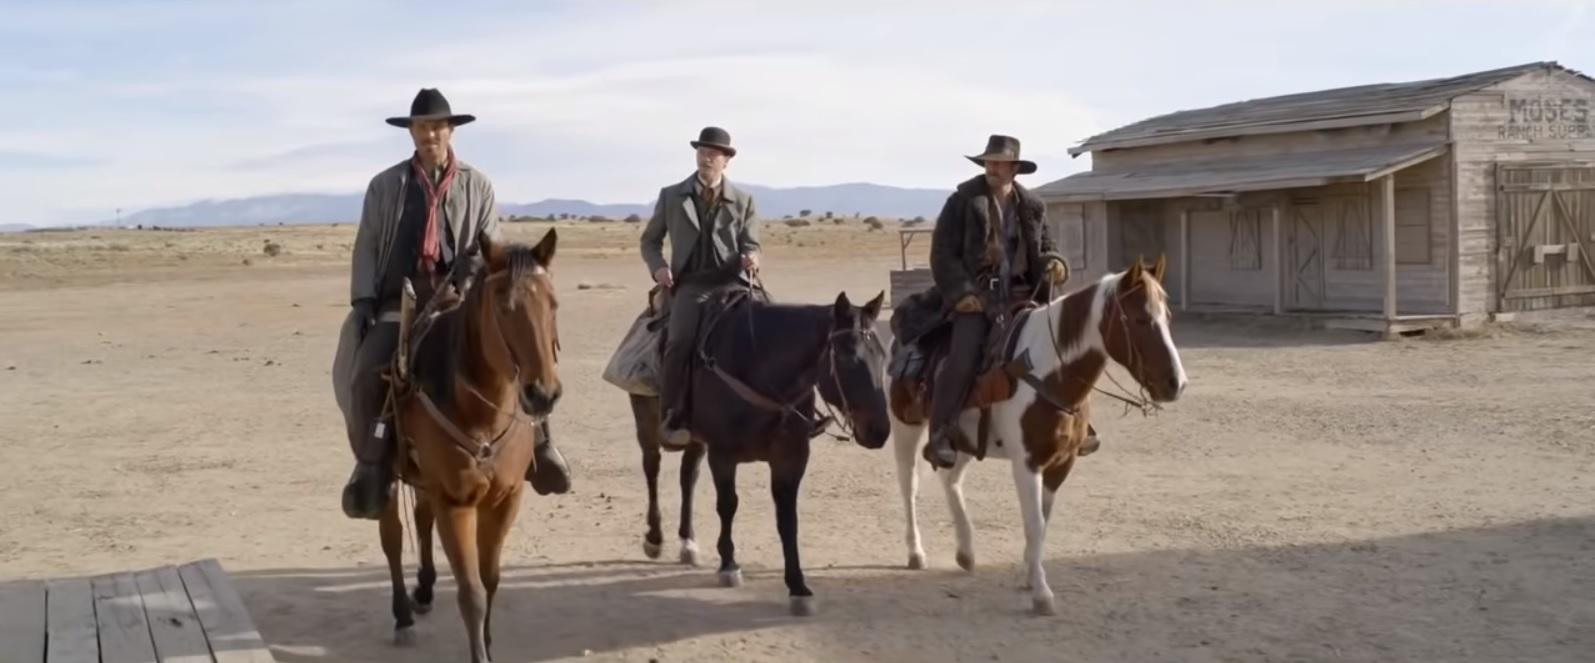 Scott Martin, Christoph Sanders, and Clint Hummel in BIG KILL